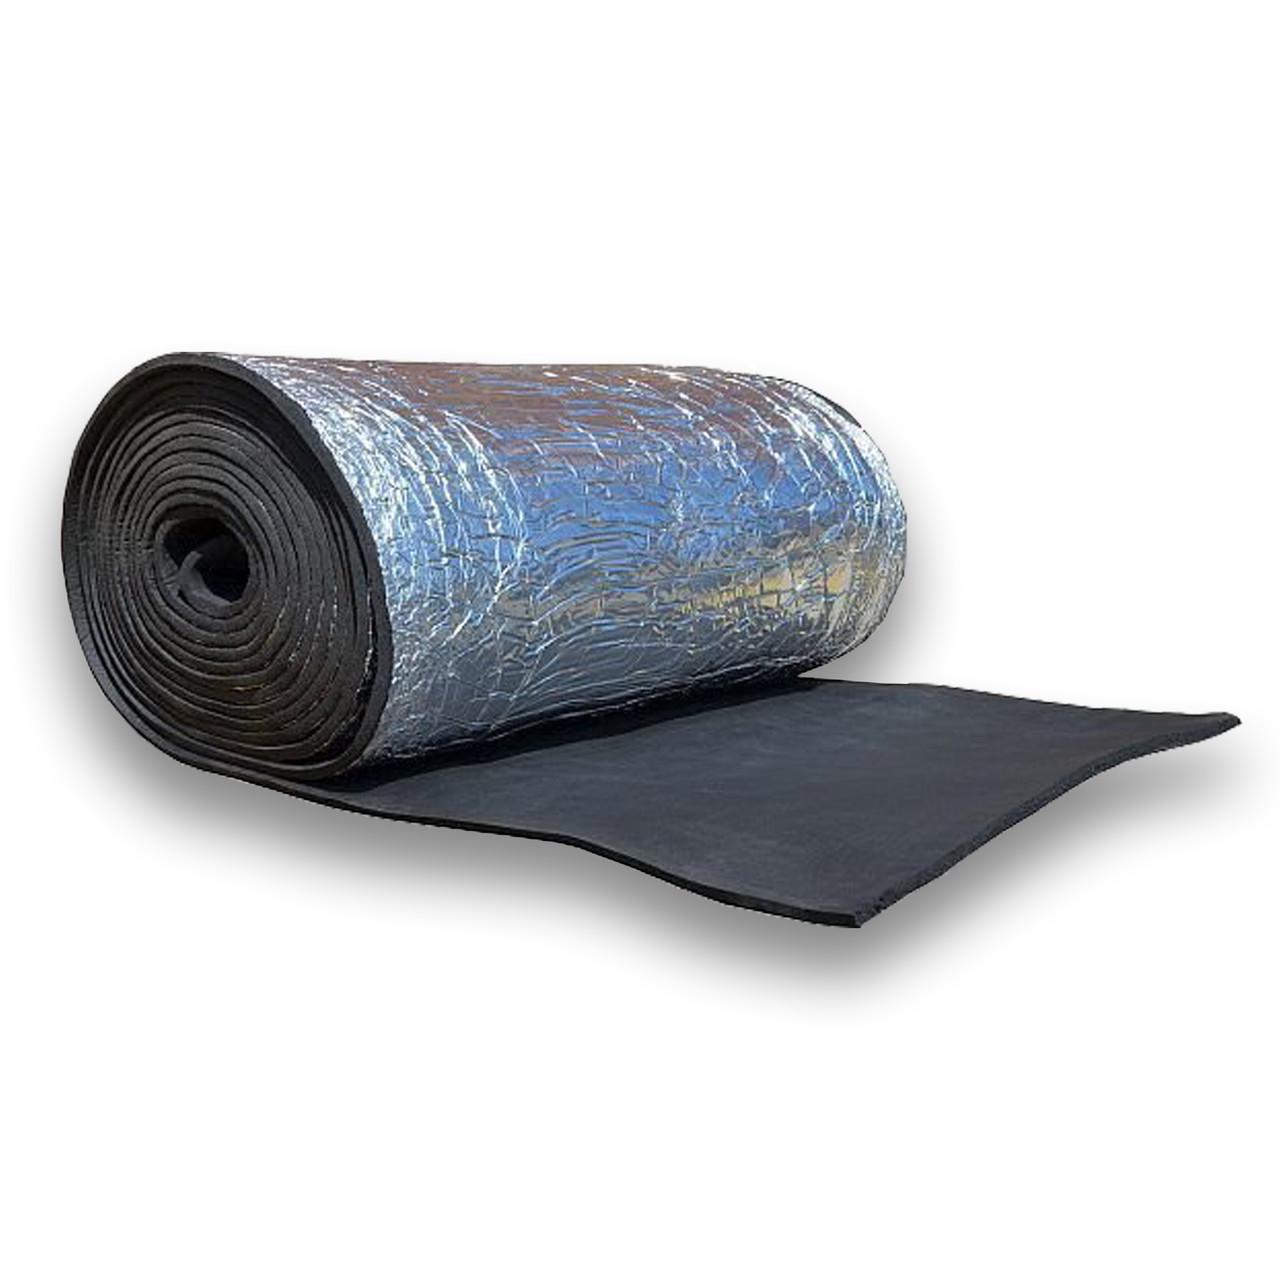 Вспененный каучук ламинированный металлизированной пленкой 6 мм